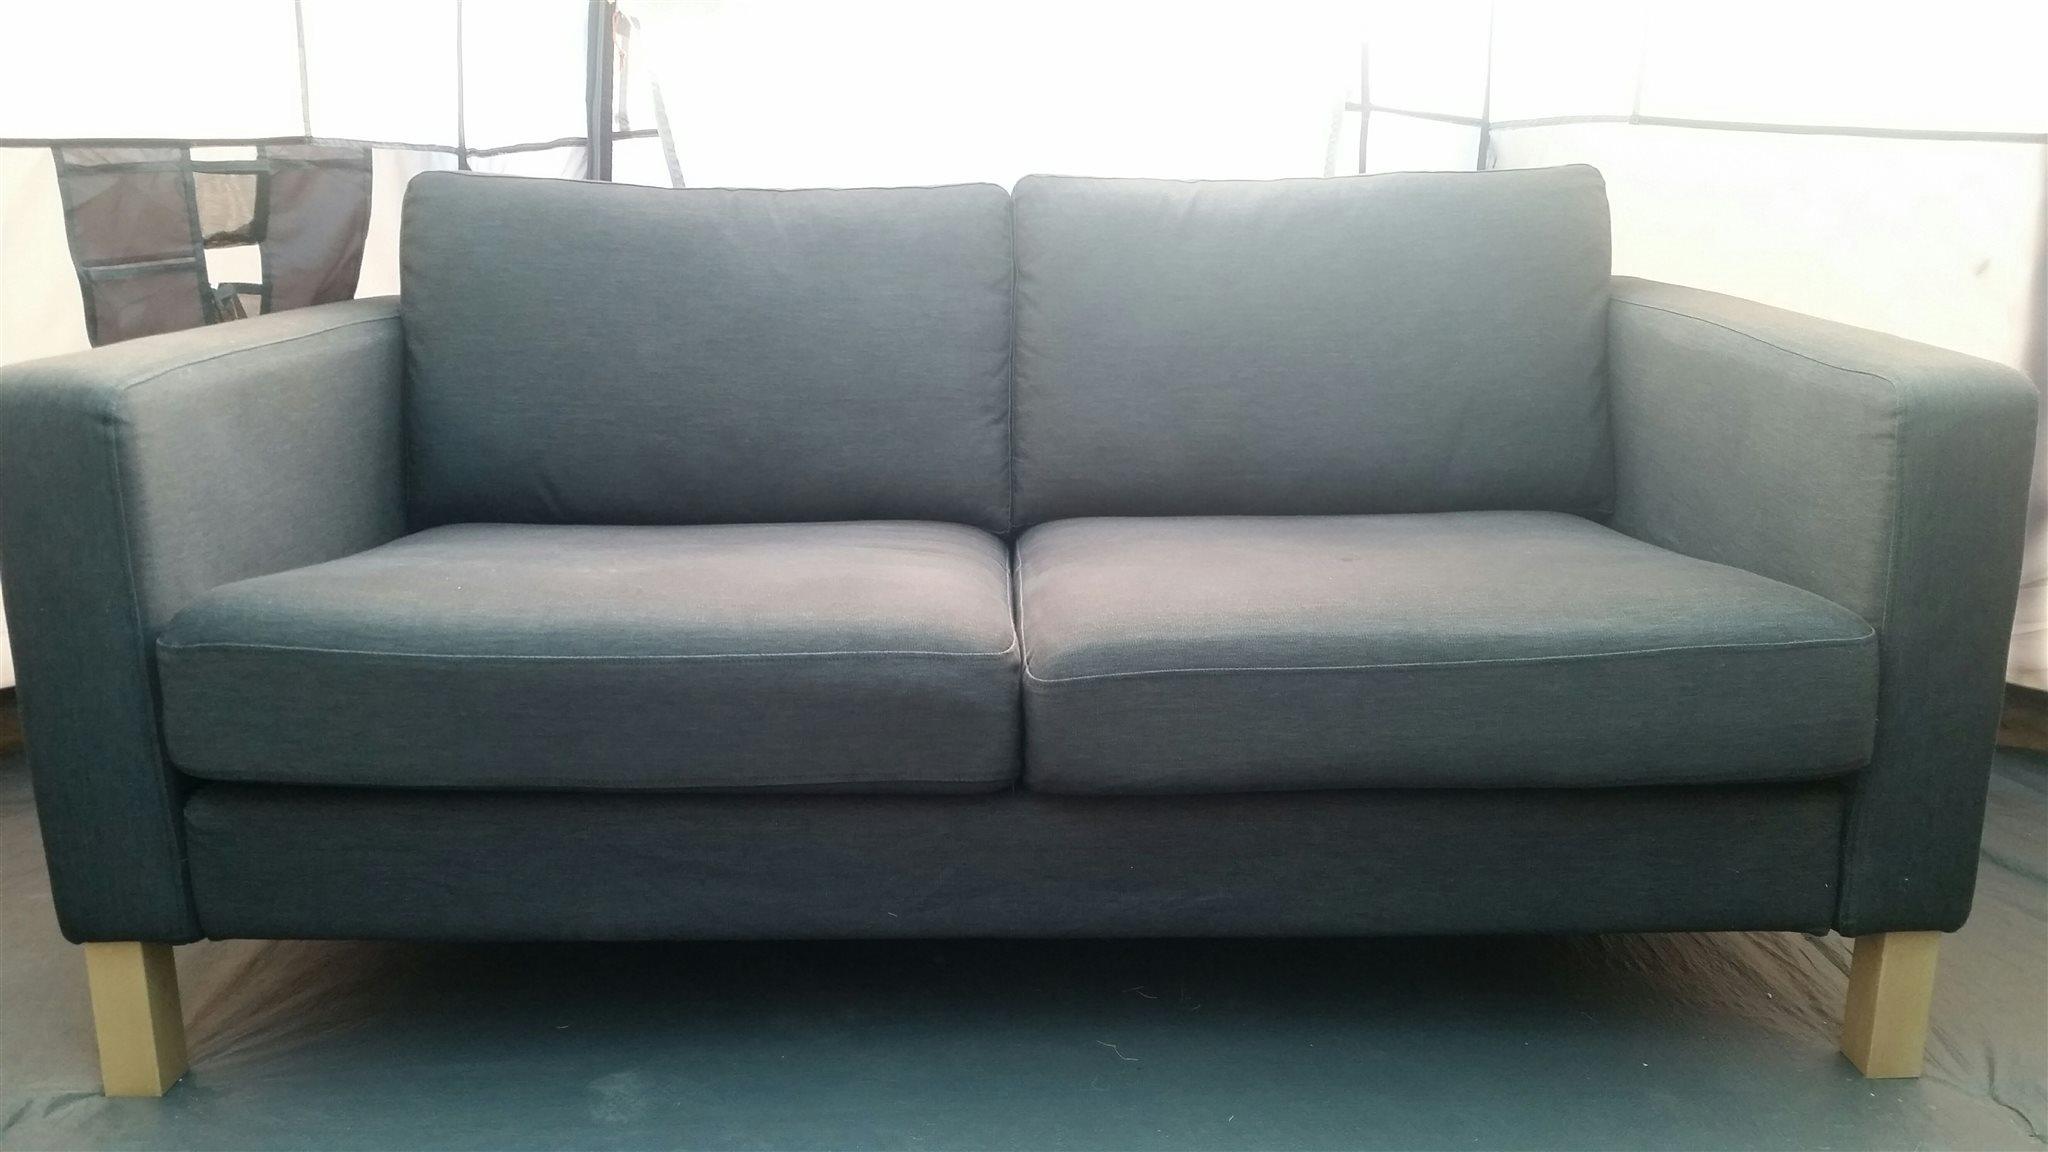 bddsoffa karlstad. cool bortsknkes ikea soffa karlstad med schslong